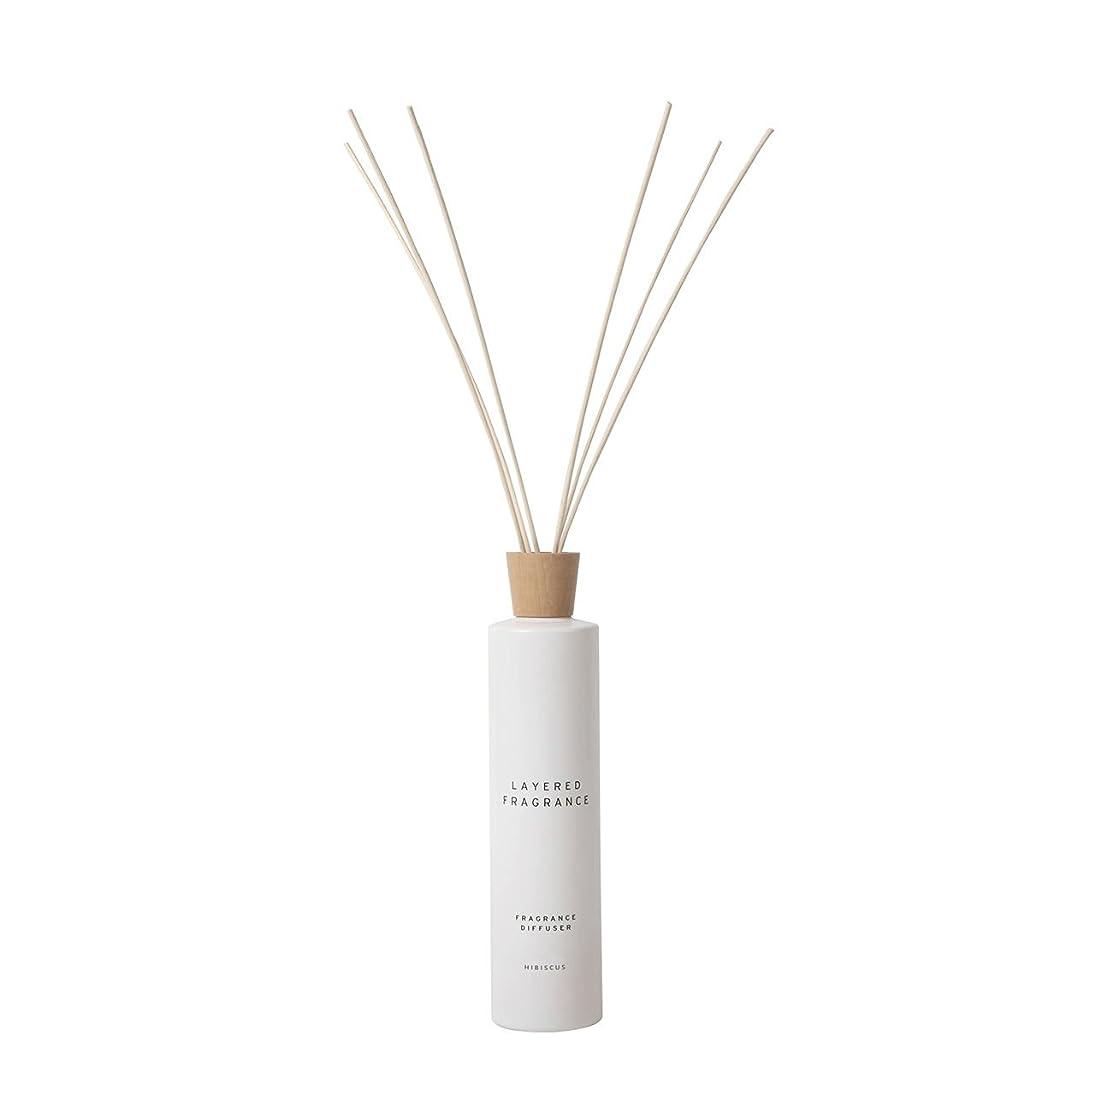 散文雰囲気メッシュ空間ごとに香りを使い分けて楽しむ レイヤードフレグランス フレグランスディフューザー ハイビスカス 500ml